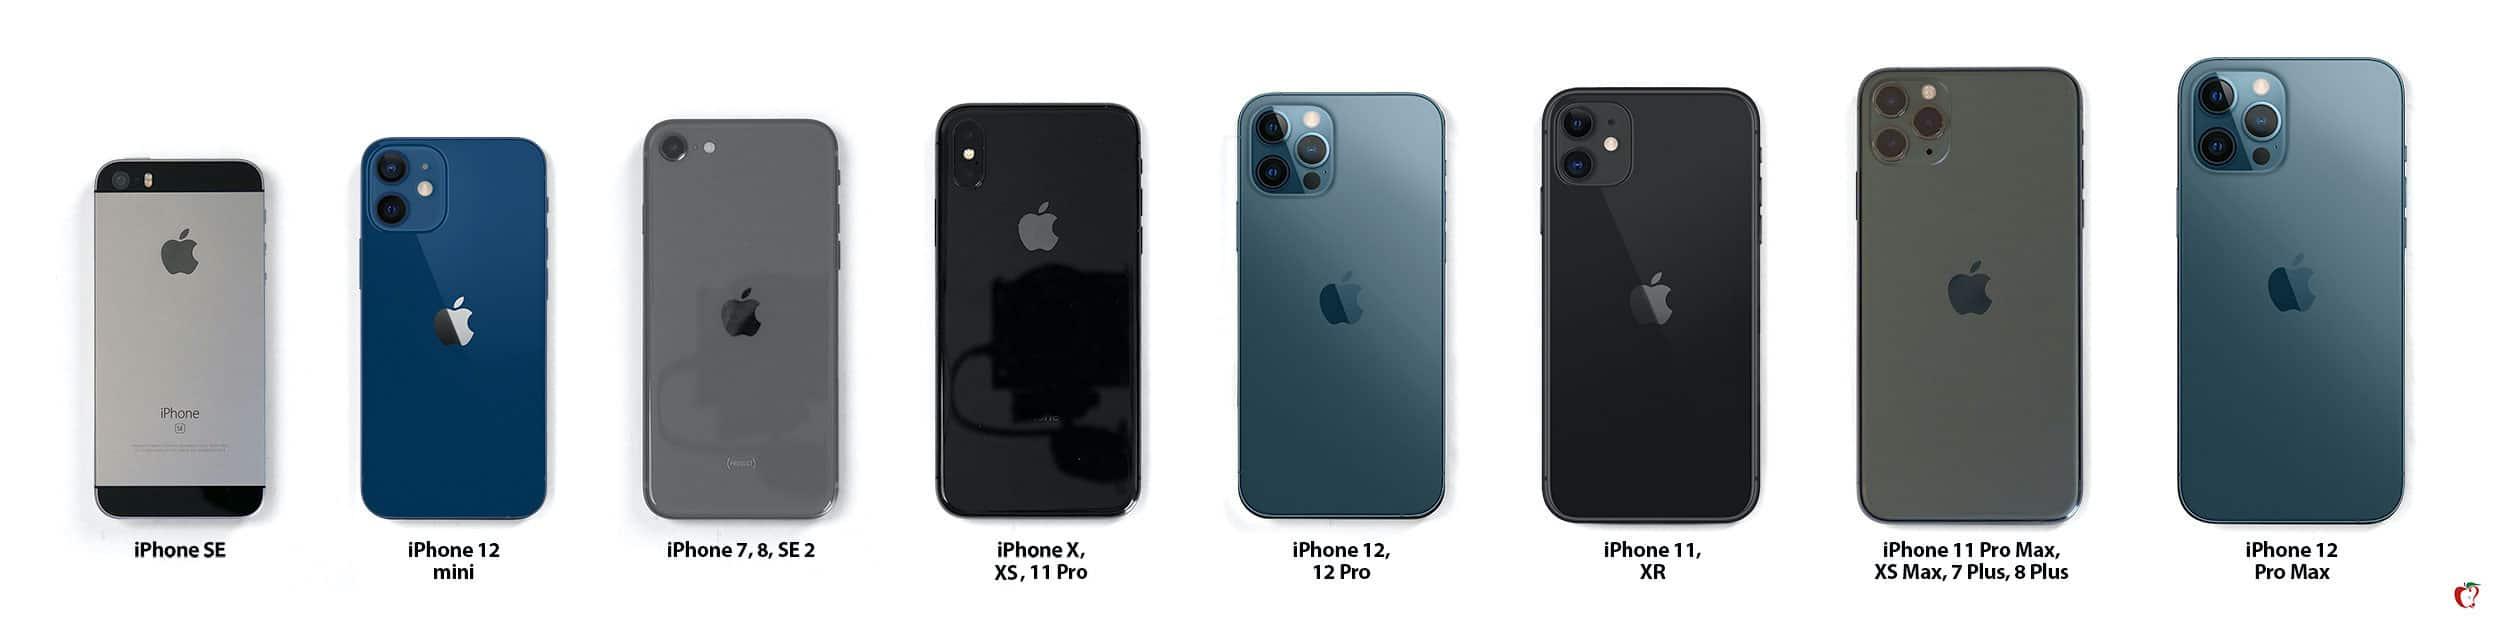 Comparação dos tamanhos de iPhones